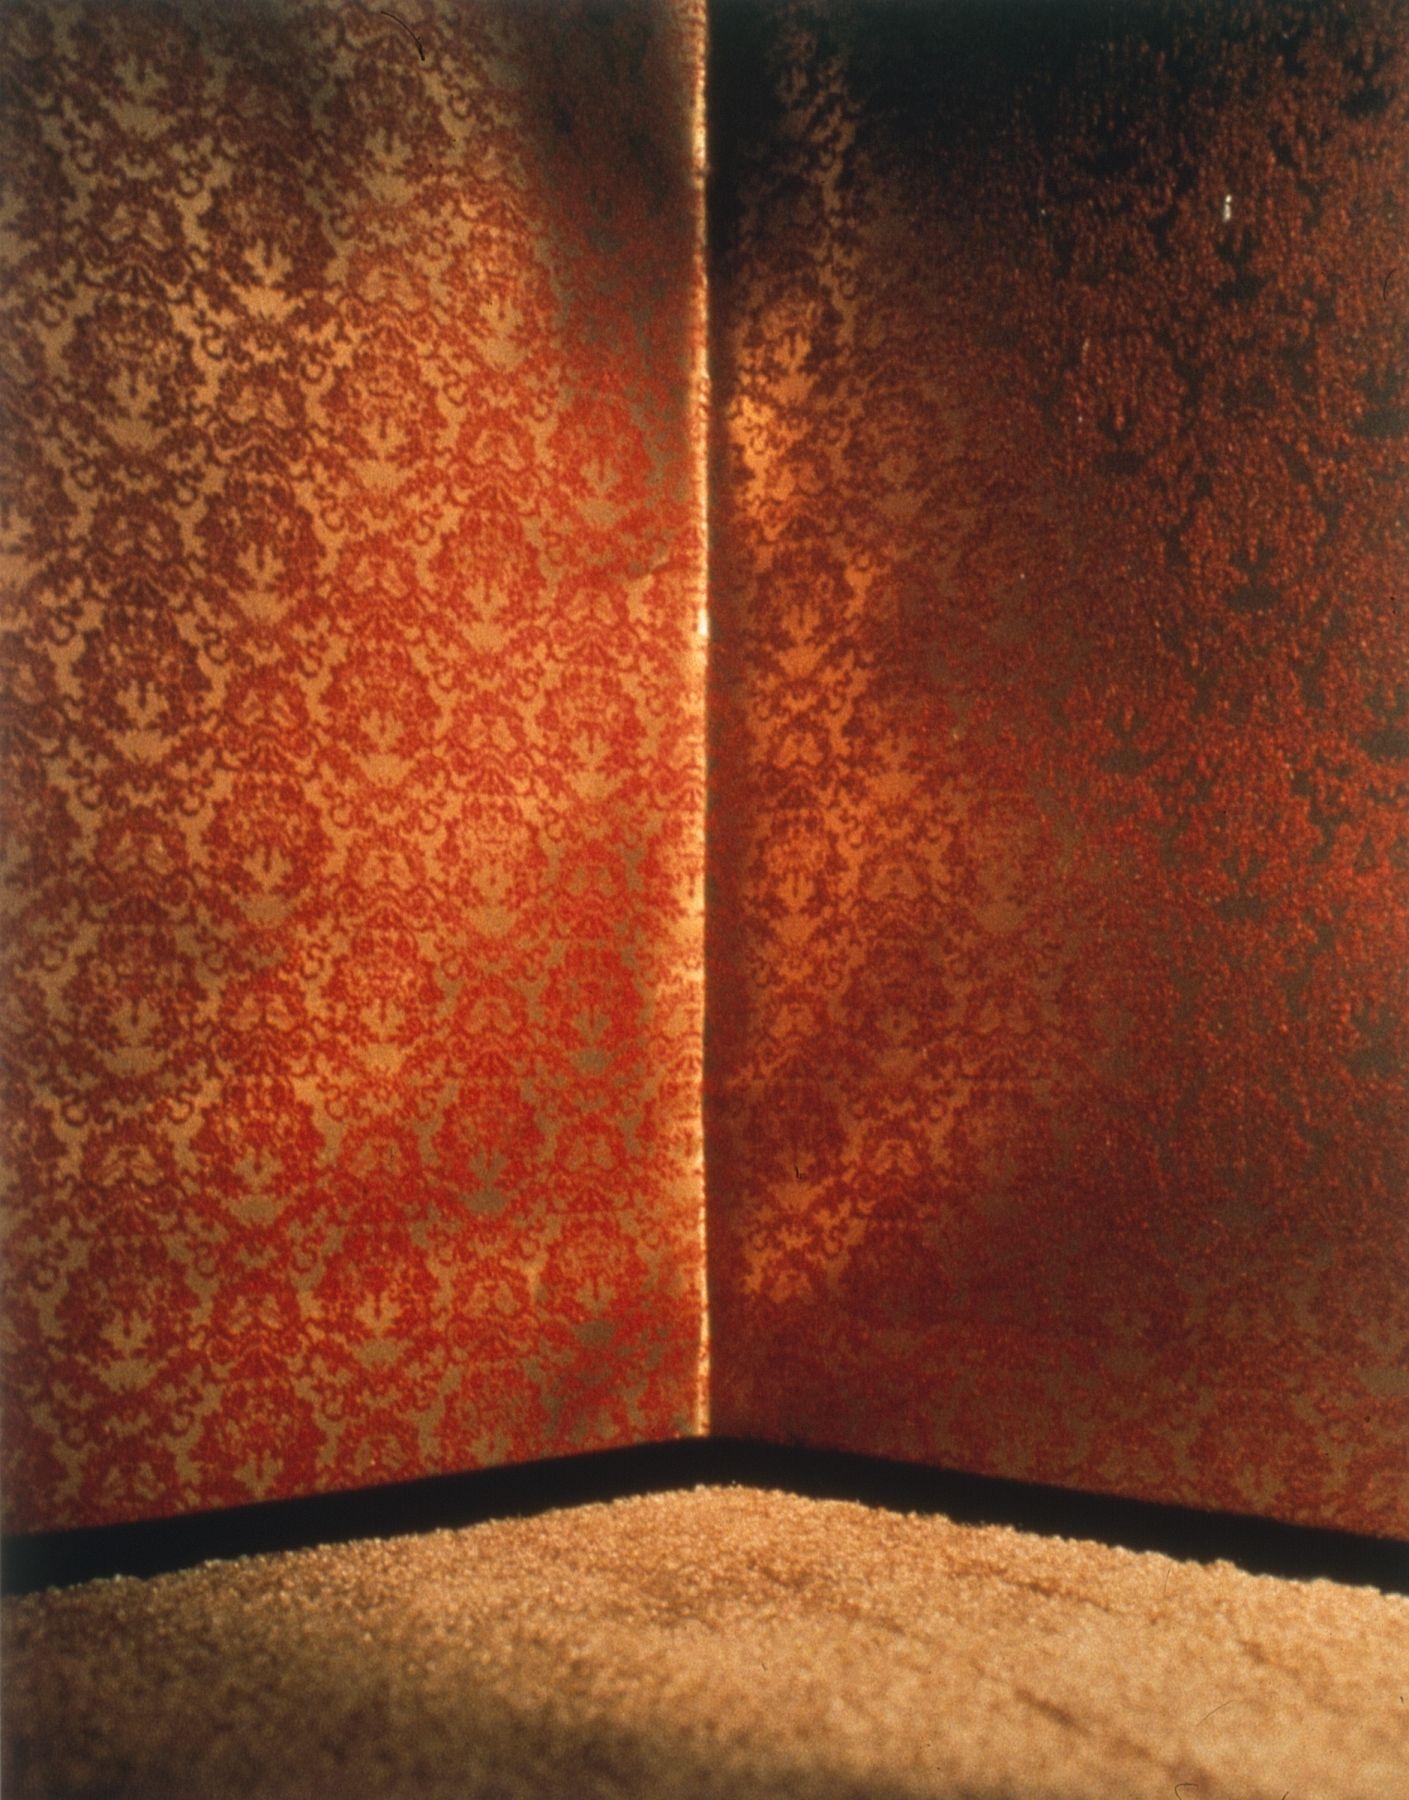 Julie Becker, Interior Corner #9, 1993, C-print, 35 1/2 x 27 1/2 inches